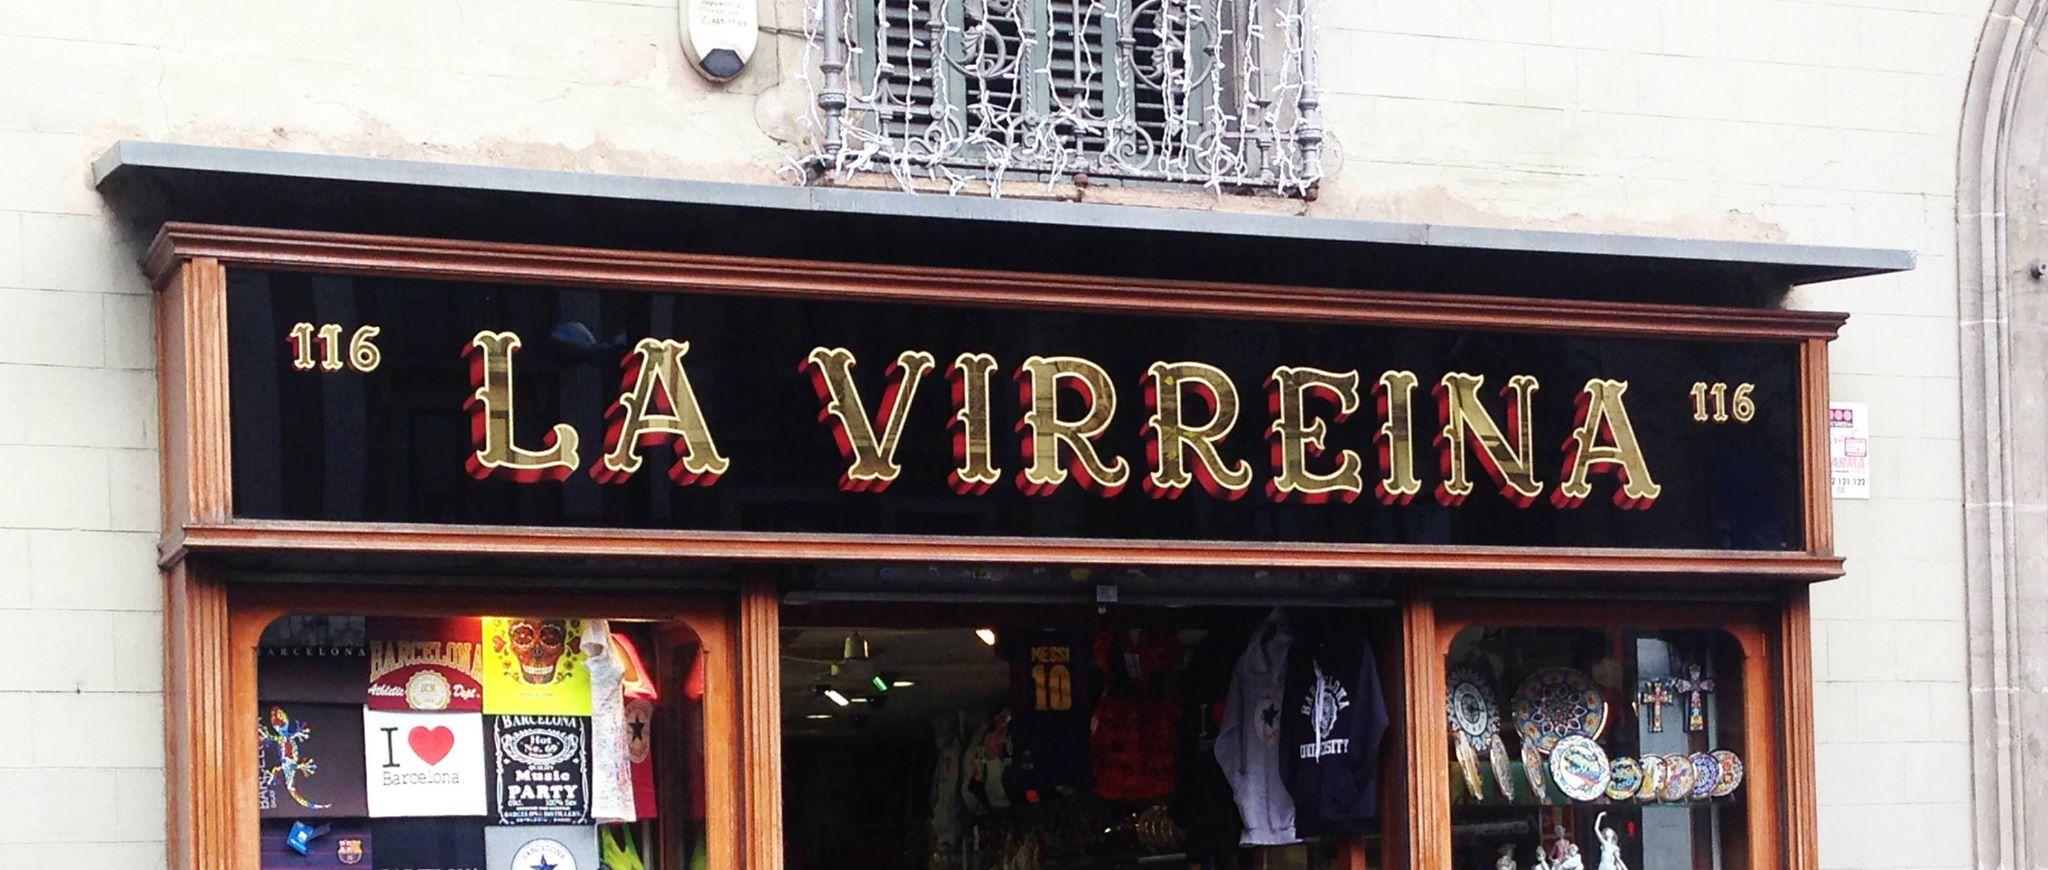 La Virreina, por Oller Rotulista, #barcelona @bcncultura Pan de oro y pintura sobre cristal en reversa. @VisitBCN_ES Pieza probablemente rehecha o restaurada. — en Barcelona.